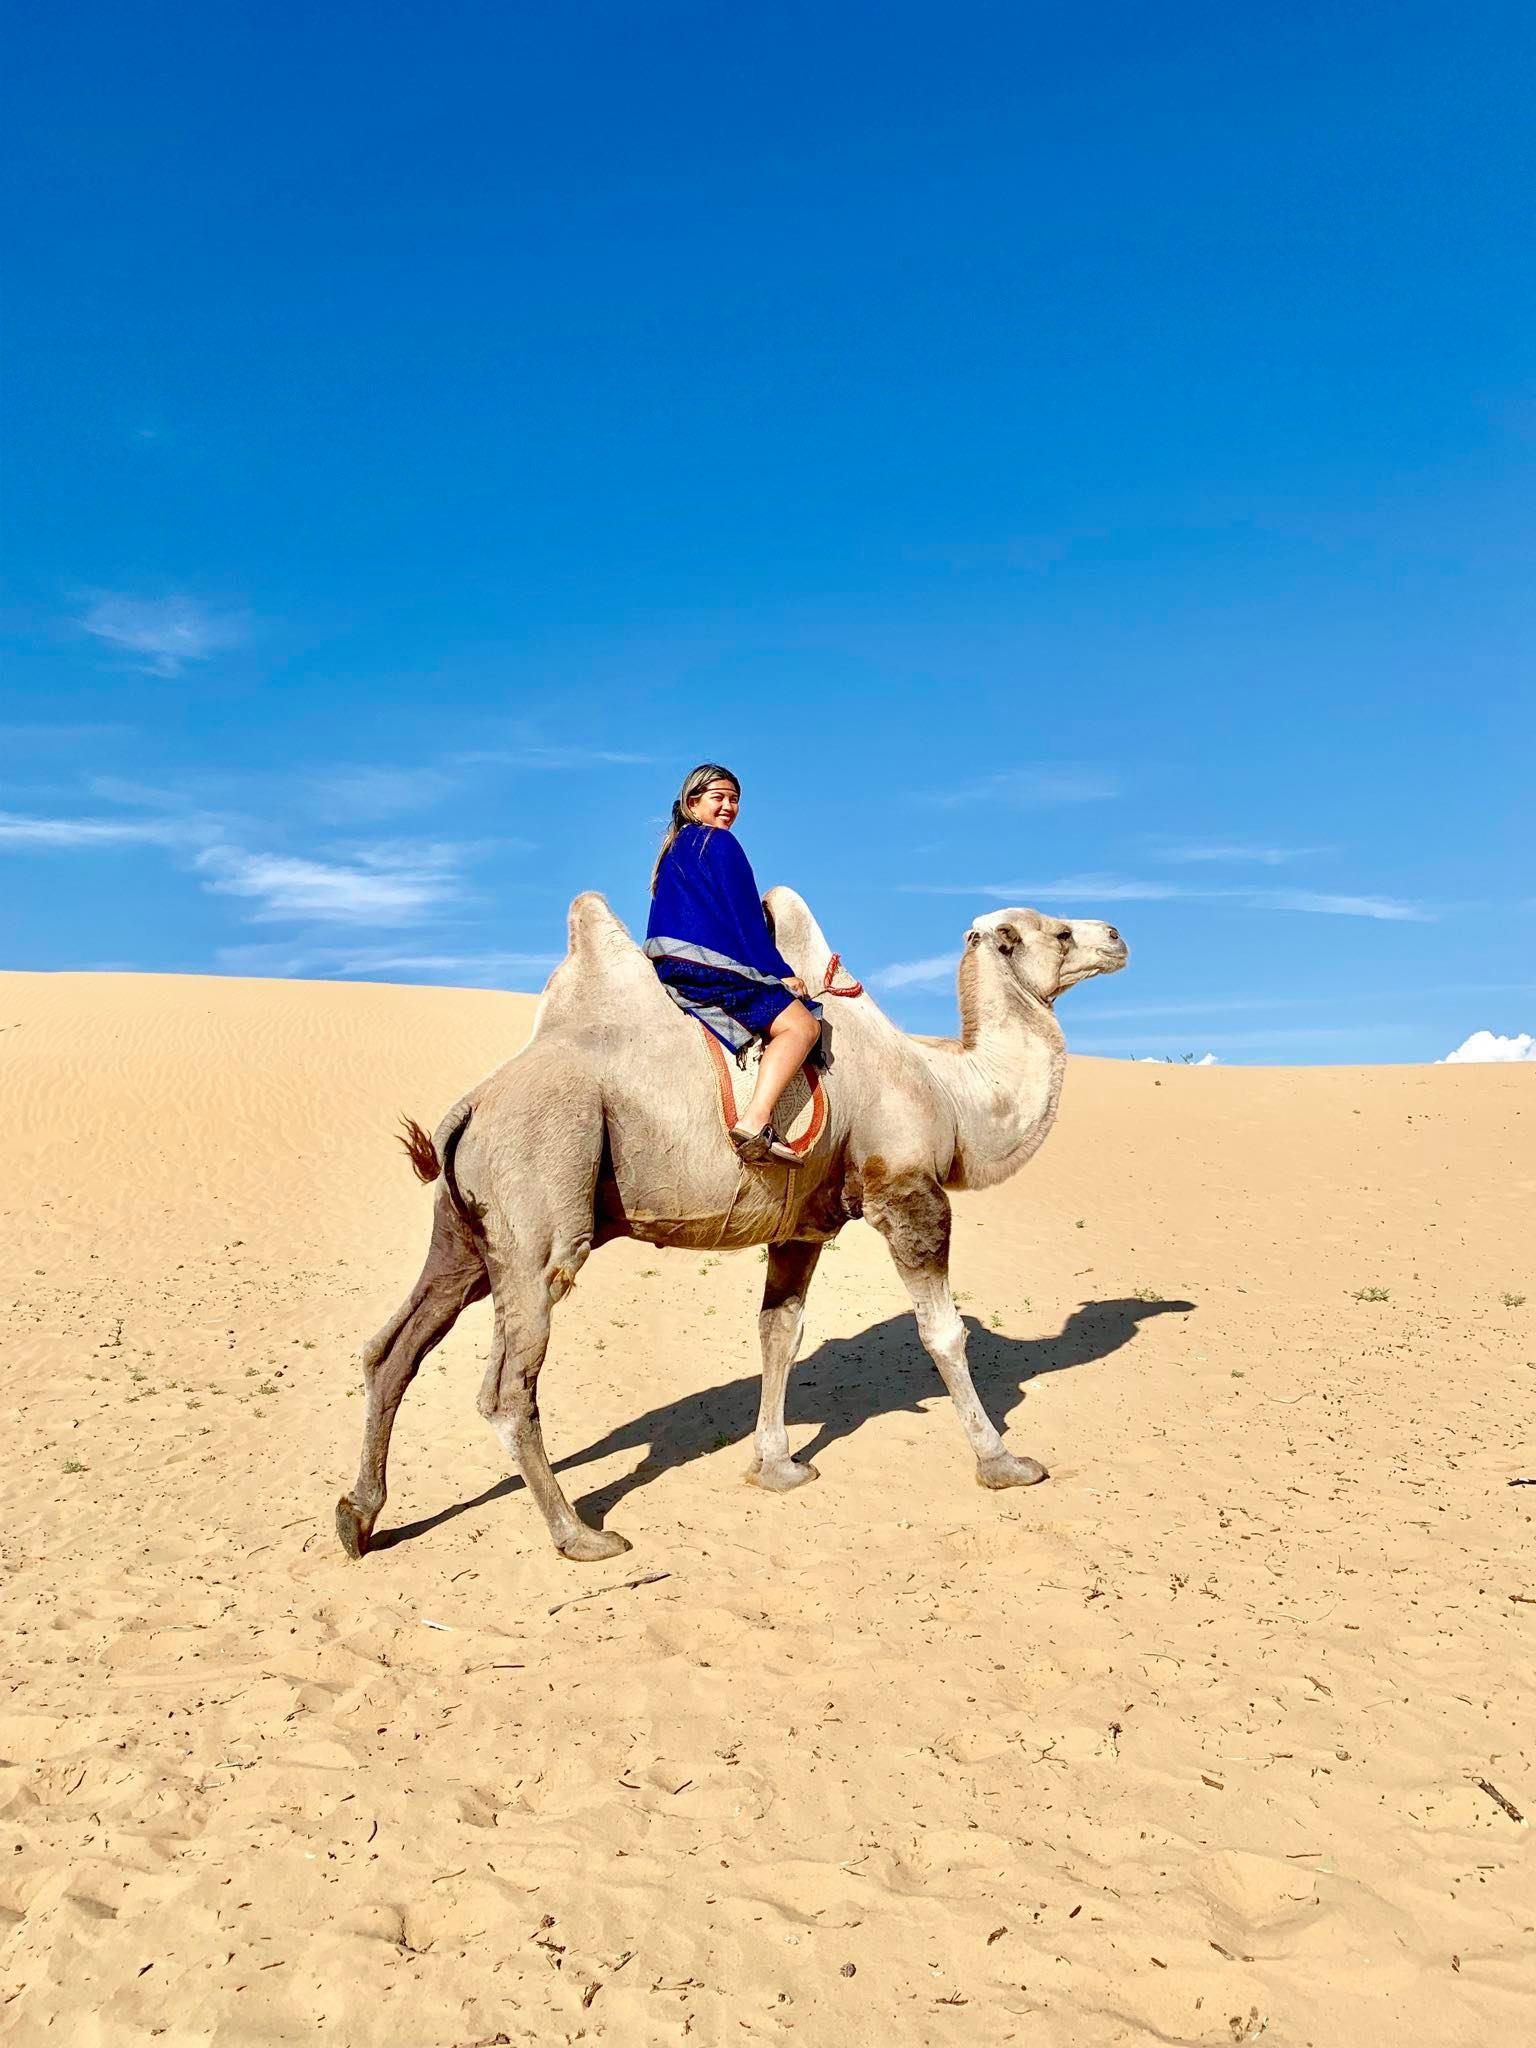 Kach Solo Travels in 2019 Nomadic family in Elsen Tasarkhai1.jpg